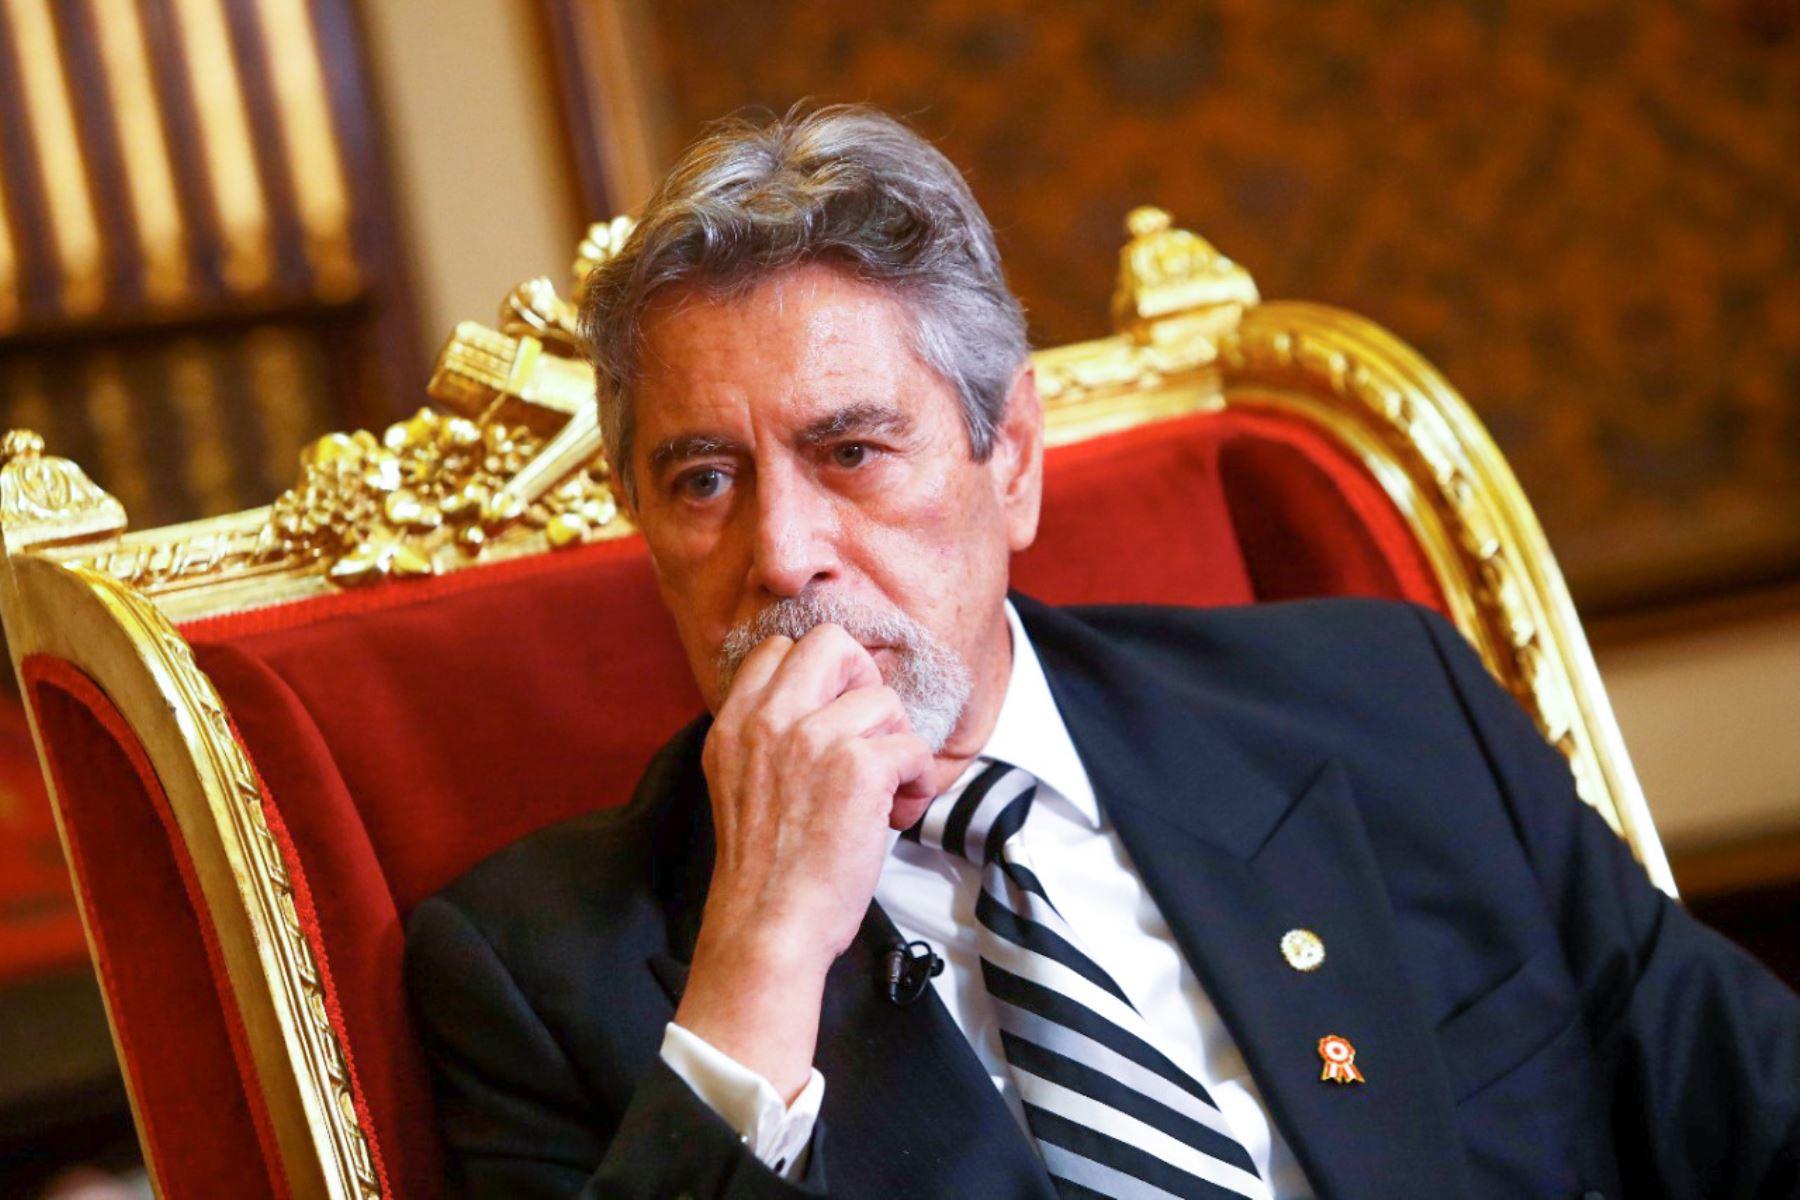 Presidente Sagasti concede entrevista a la Agencia Andina y Diario El Peruano. Foto: ANDINA/ Prensa Presidencia